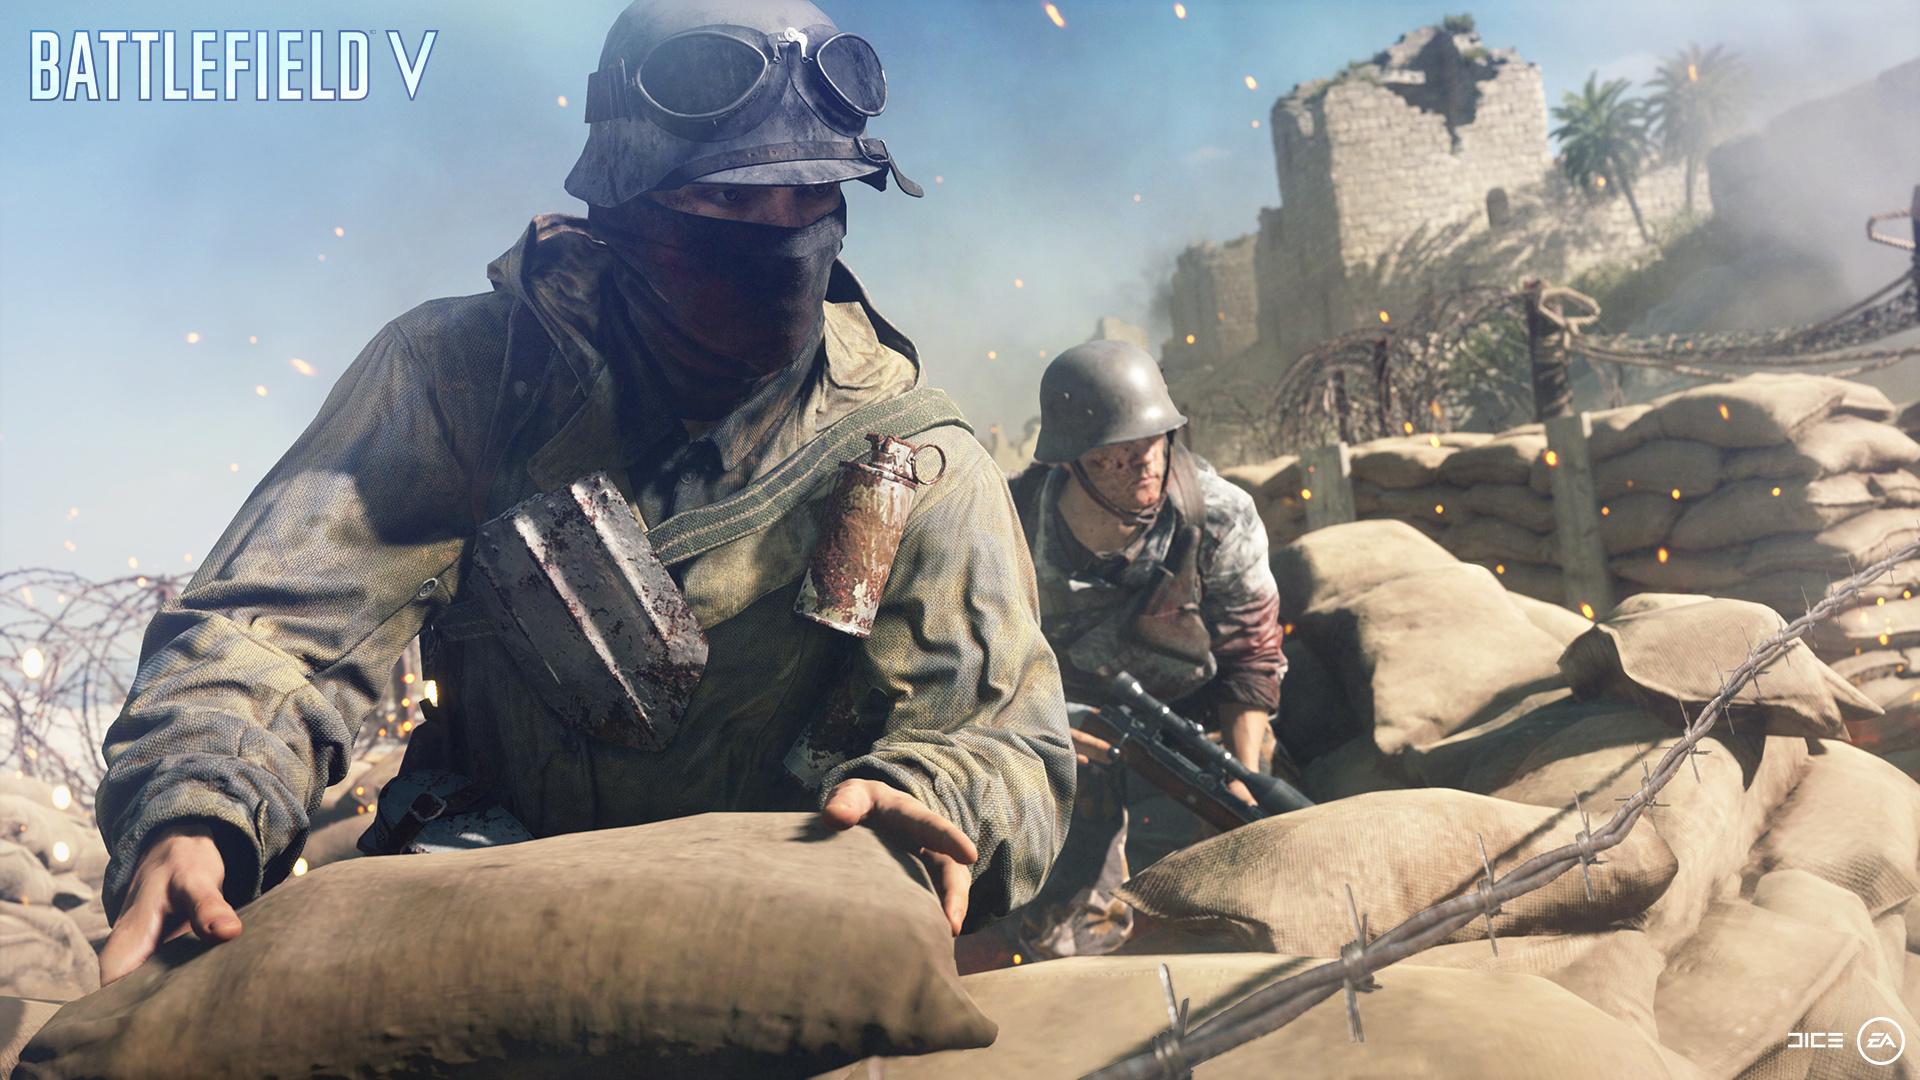 Battlefield 5 - All Assault Class Combat Roles, Weapons, Gadgets